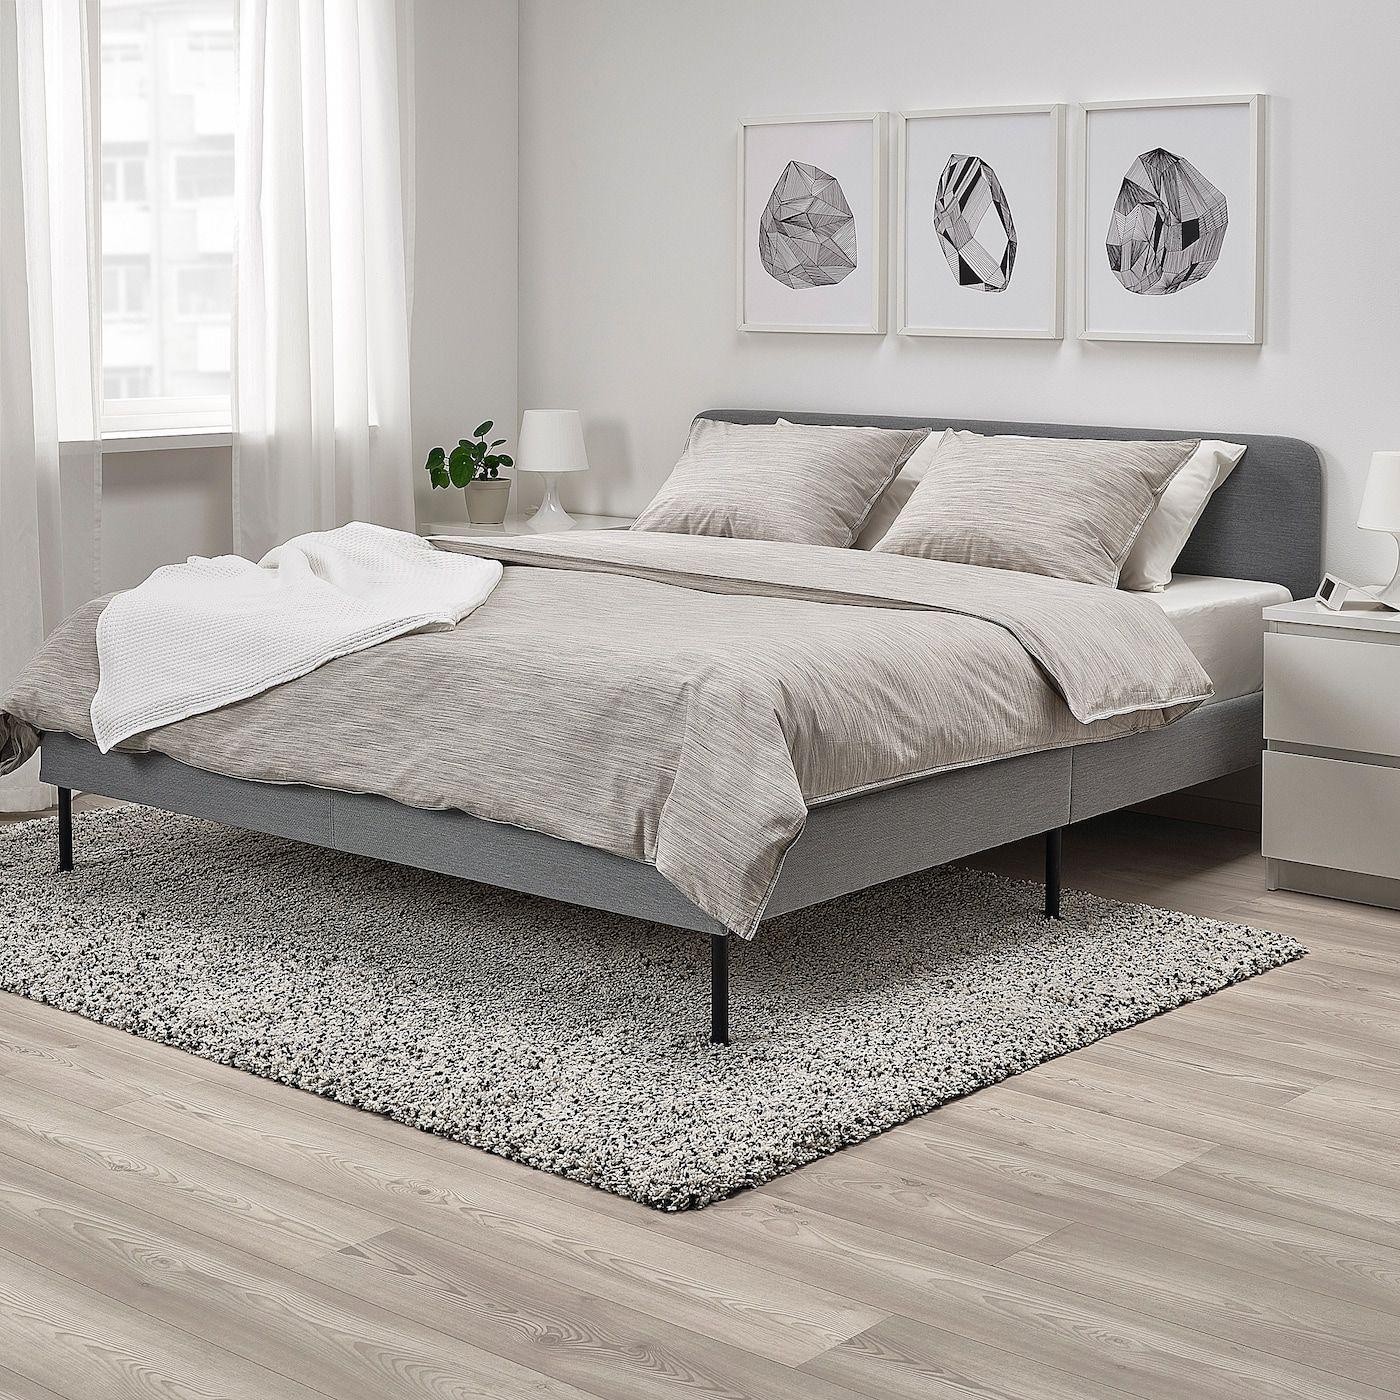 Literie De Luxe Suisse slattum cadre de lit matelassé - knisa gris clair - ikea